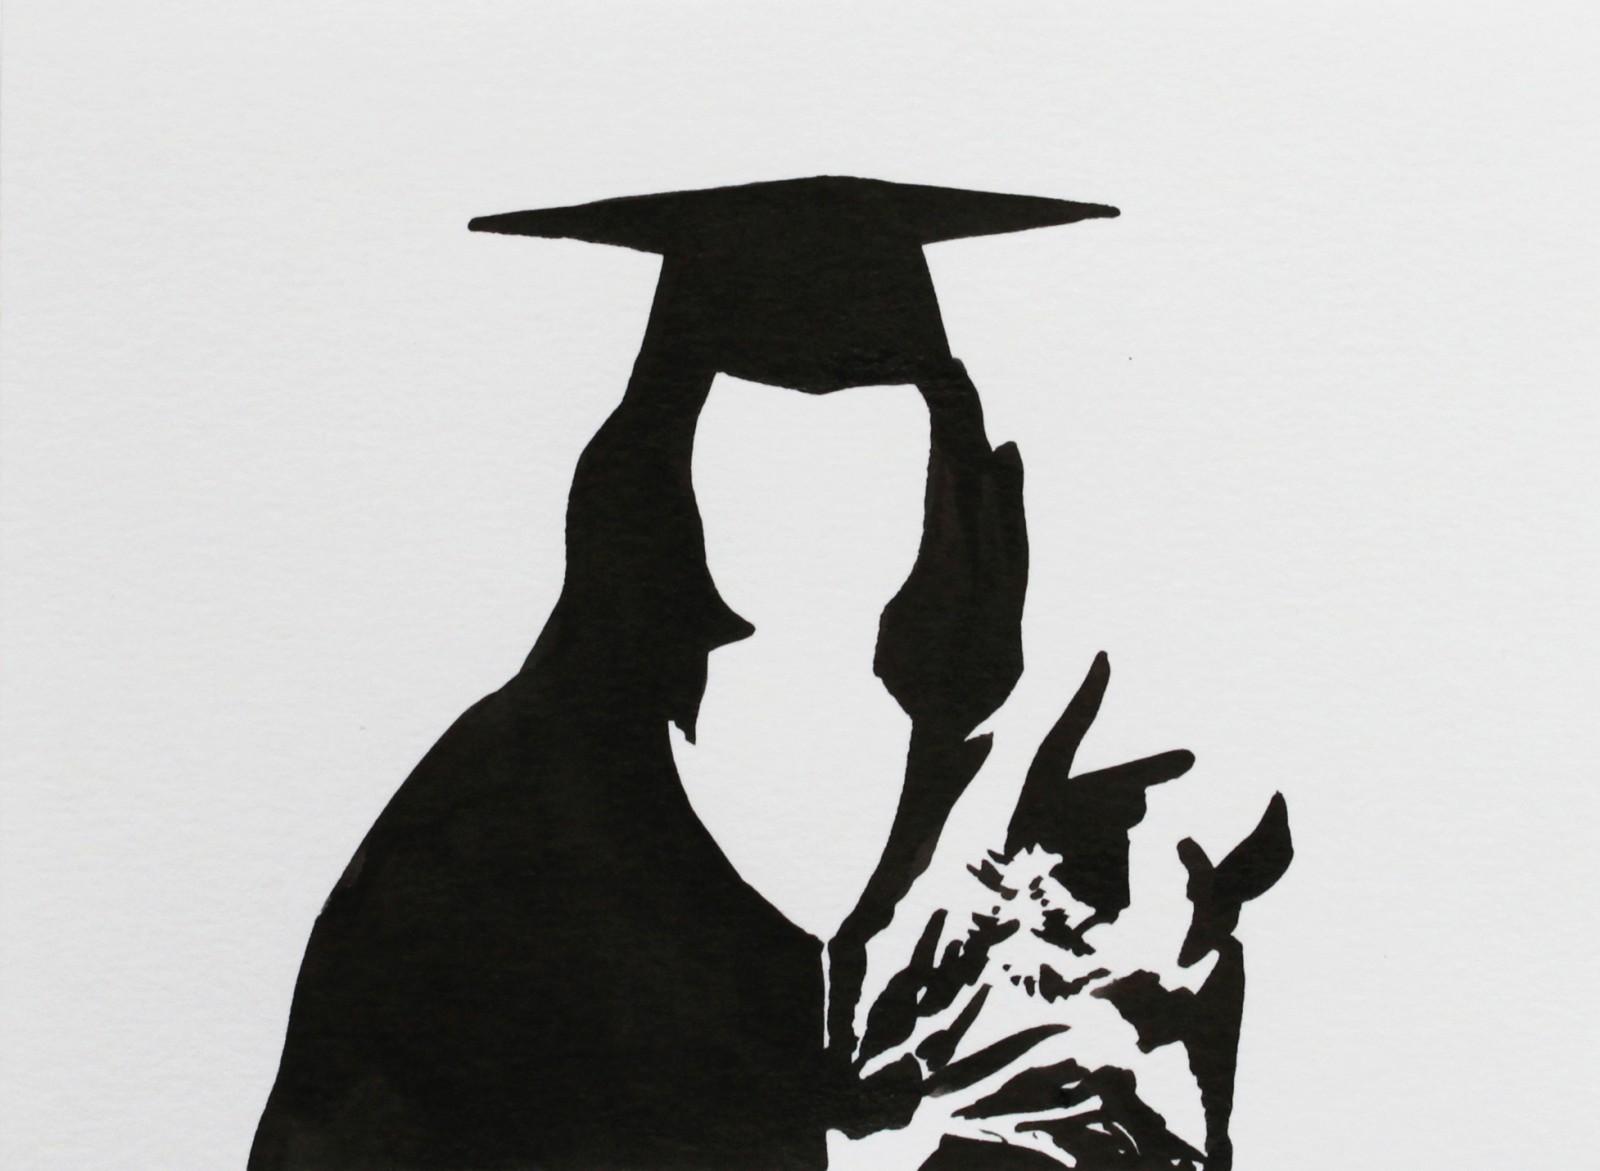 Fragments noirs, encre sur papier, 10x13,5cm, 2014, dessin